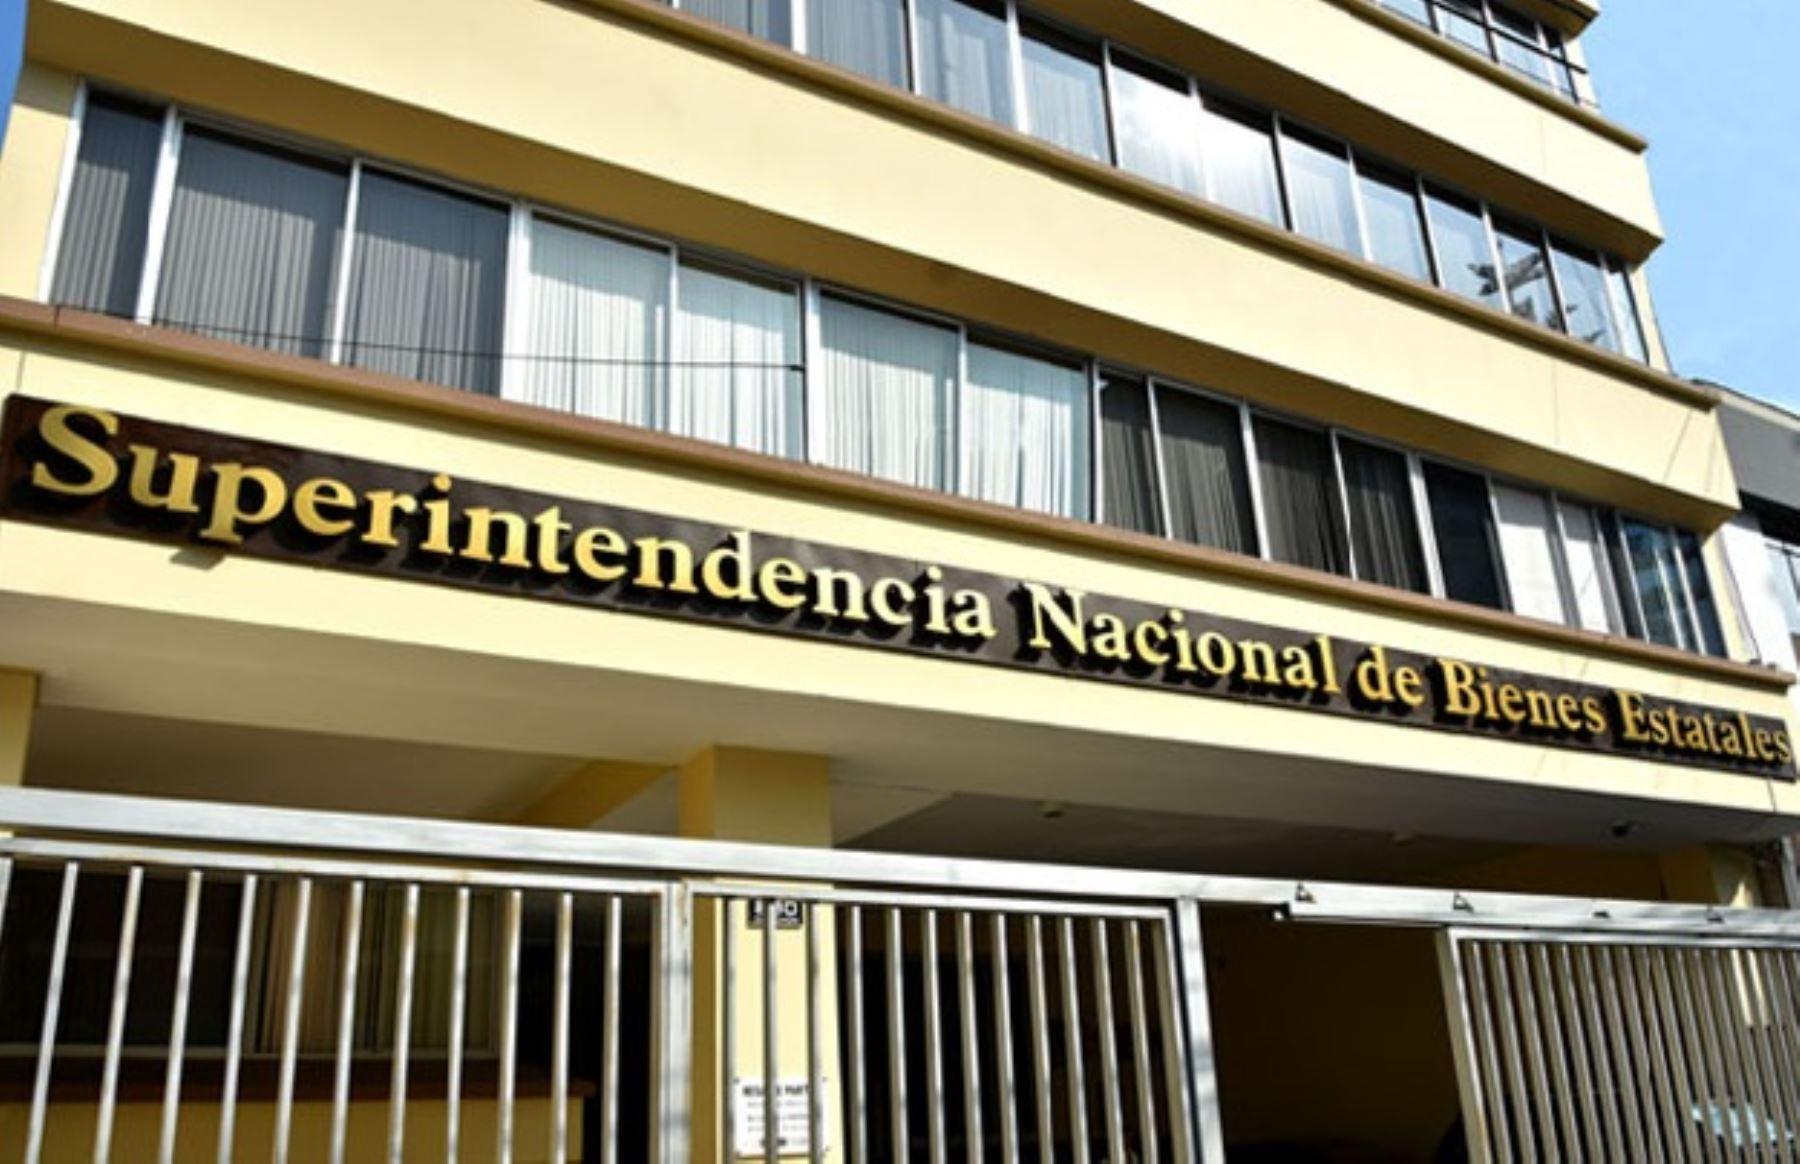 SBN subastará 35 predios estatales en Lima, Áncash, y Moquegua